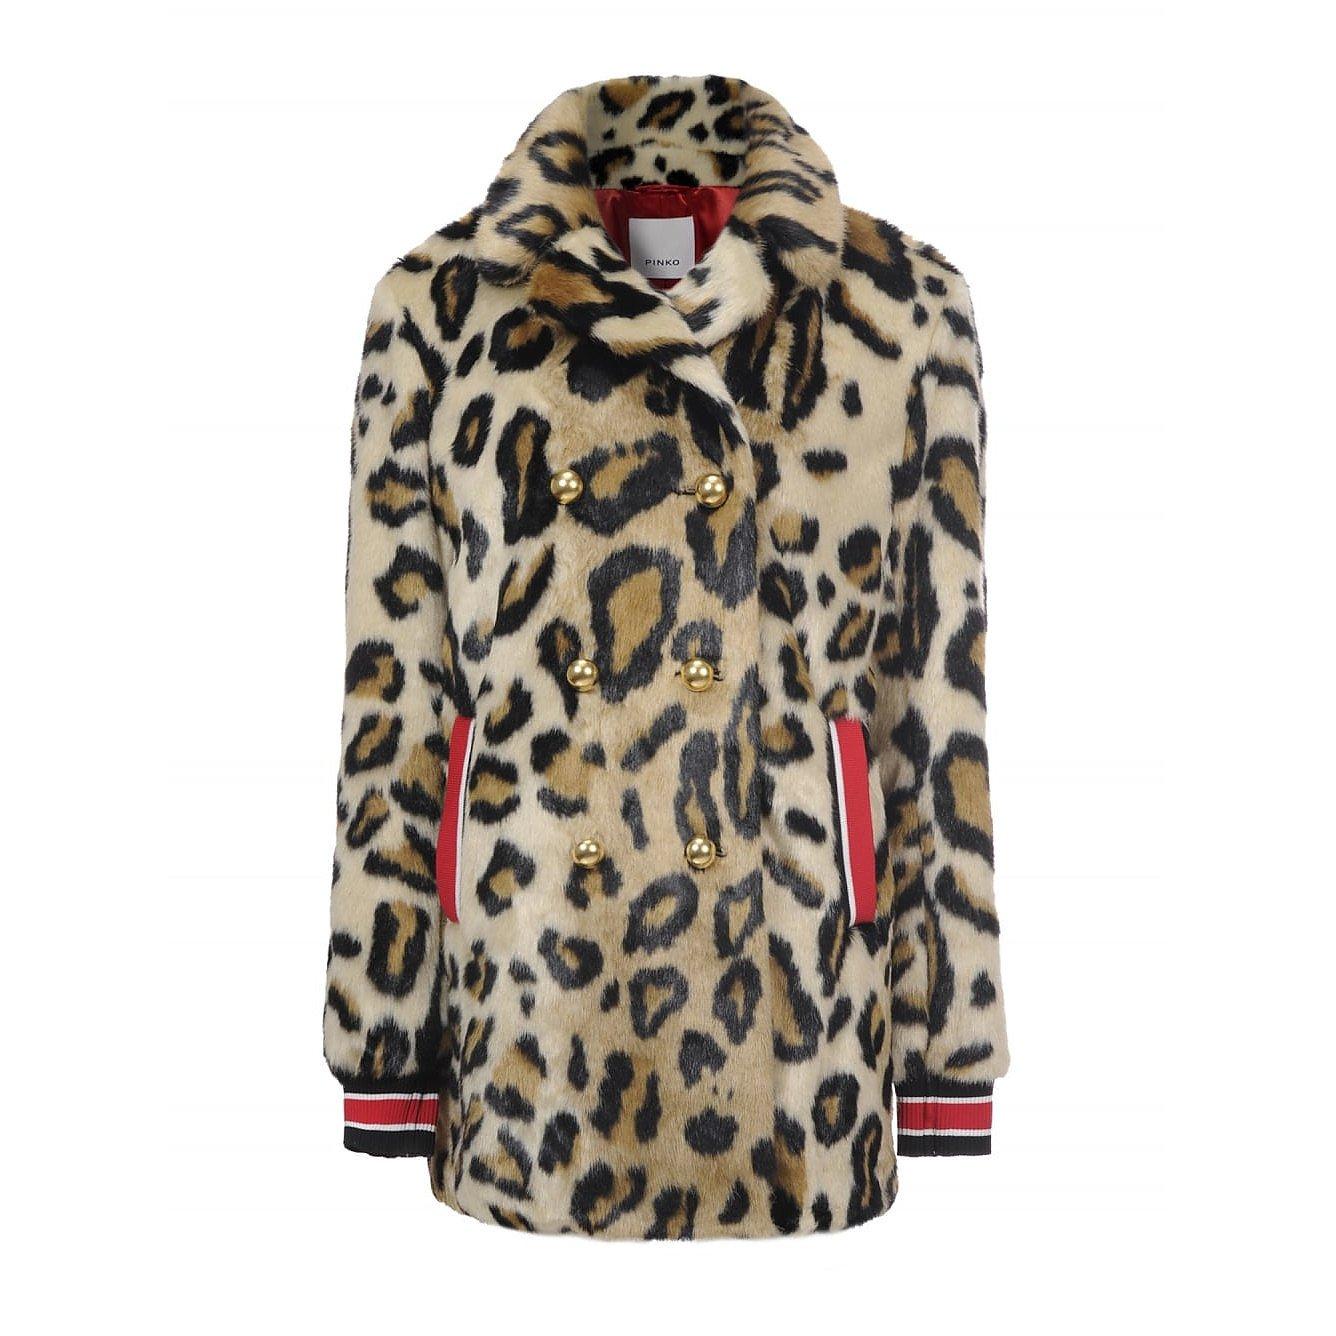 PINKO Delta Kaban Leopard Coat